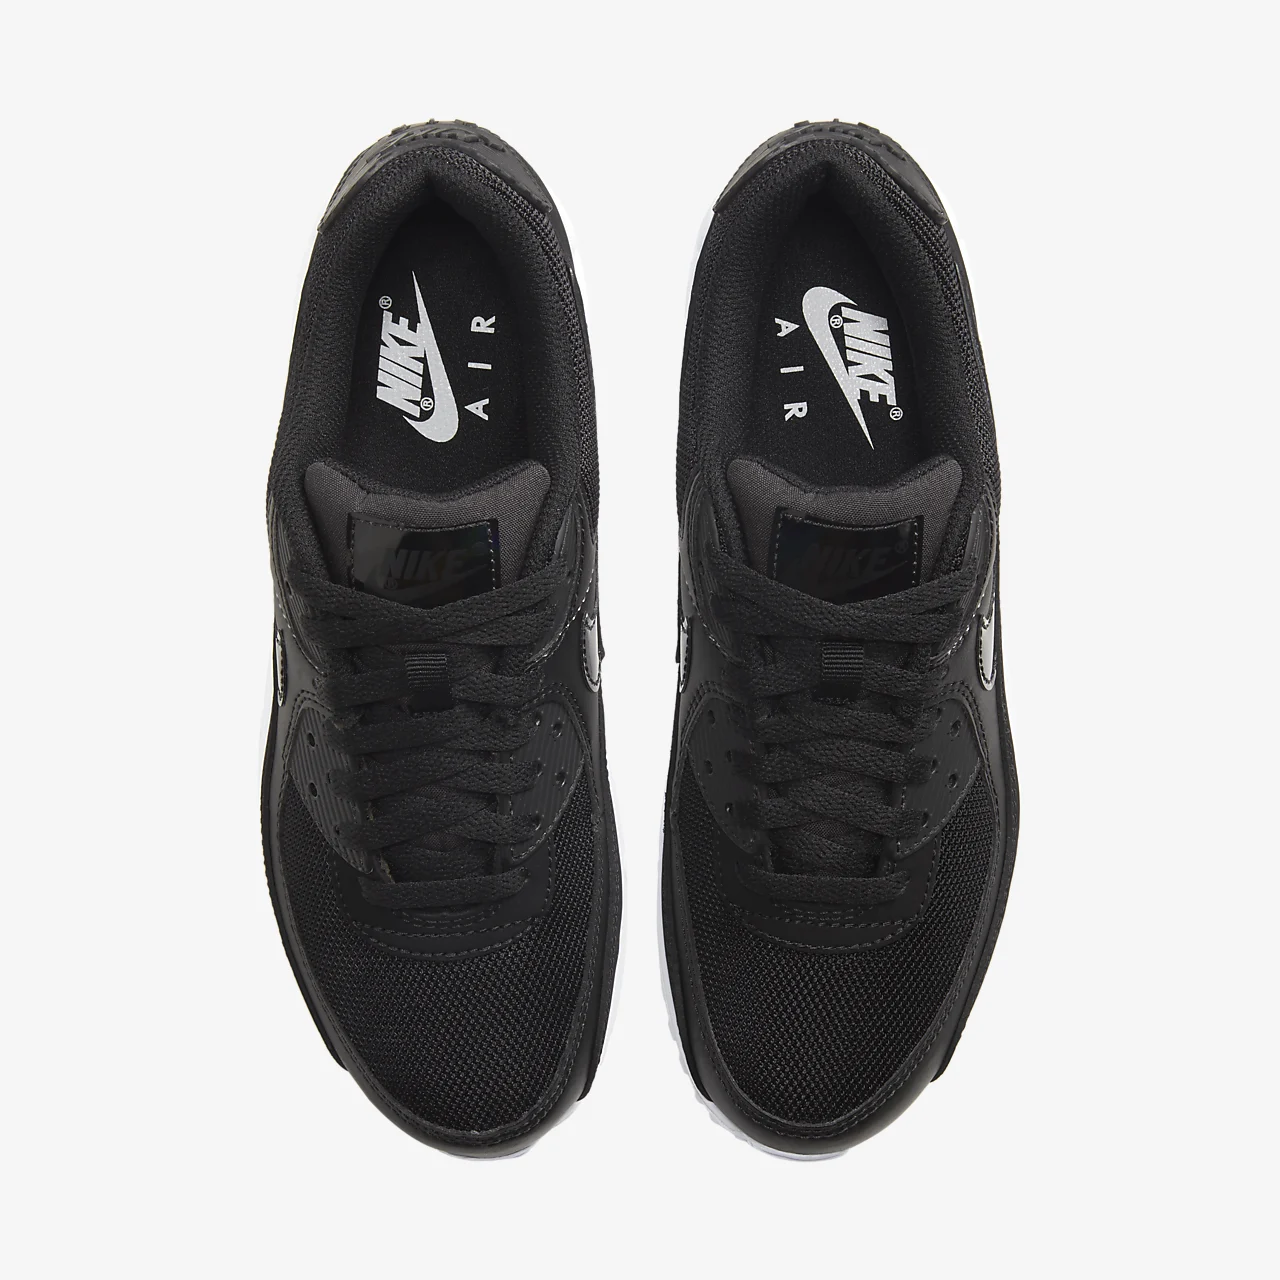 나이키 에어 맥스 90 트위스트 여성 신발 CV8110-001